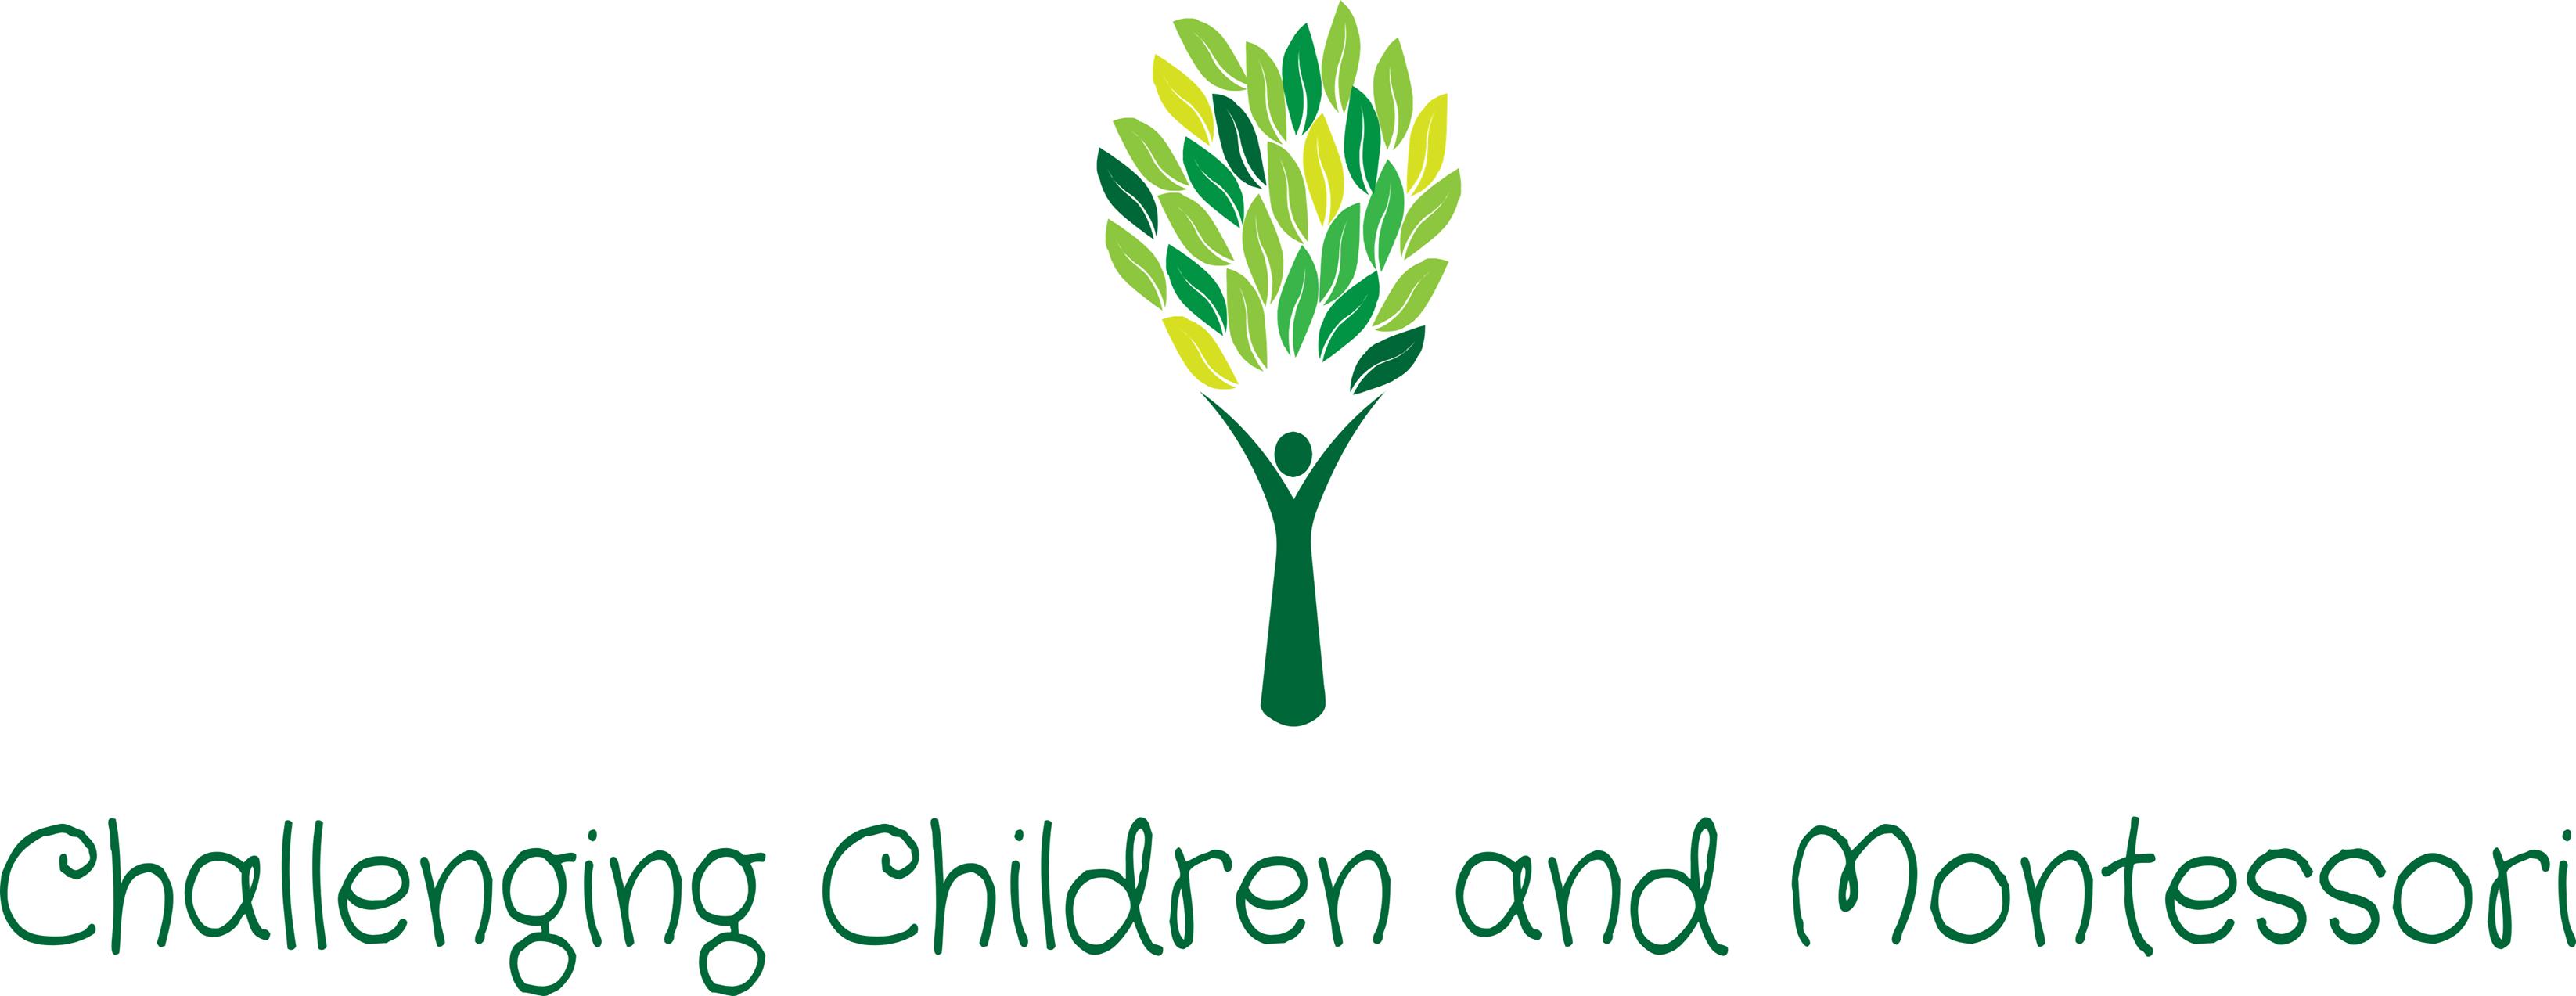 Challenging Children and Montessori